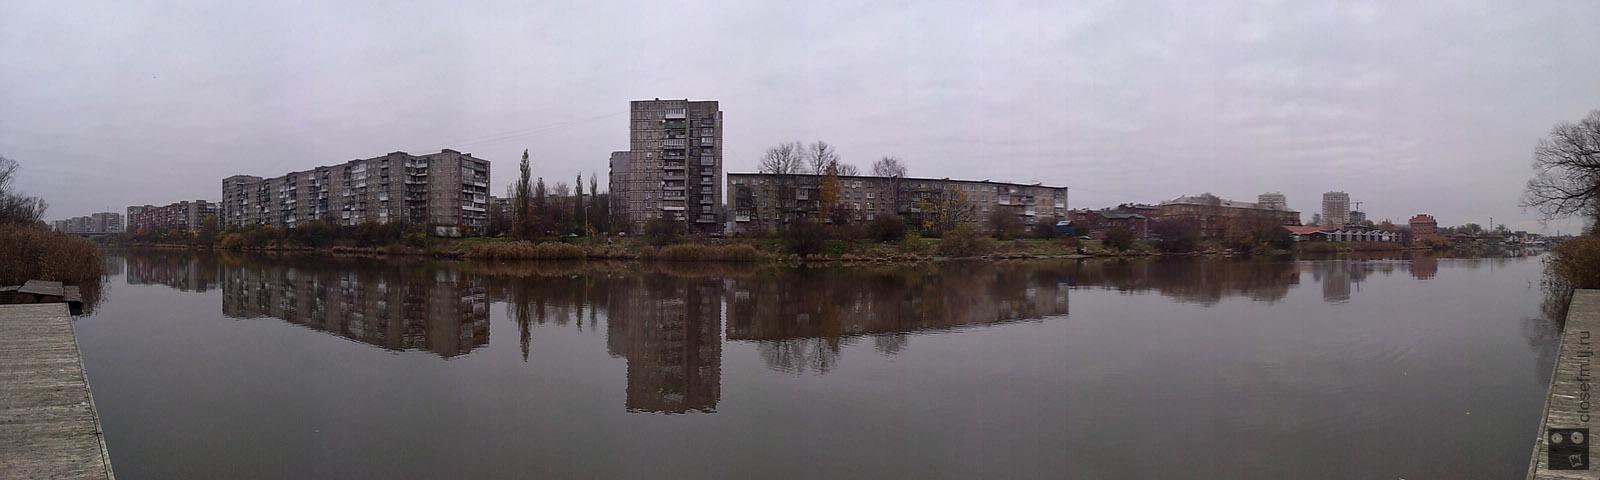 Kaliningrad_2012-11-11